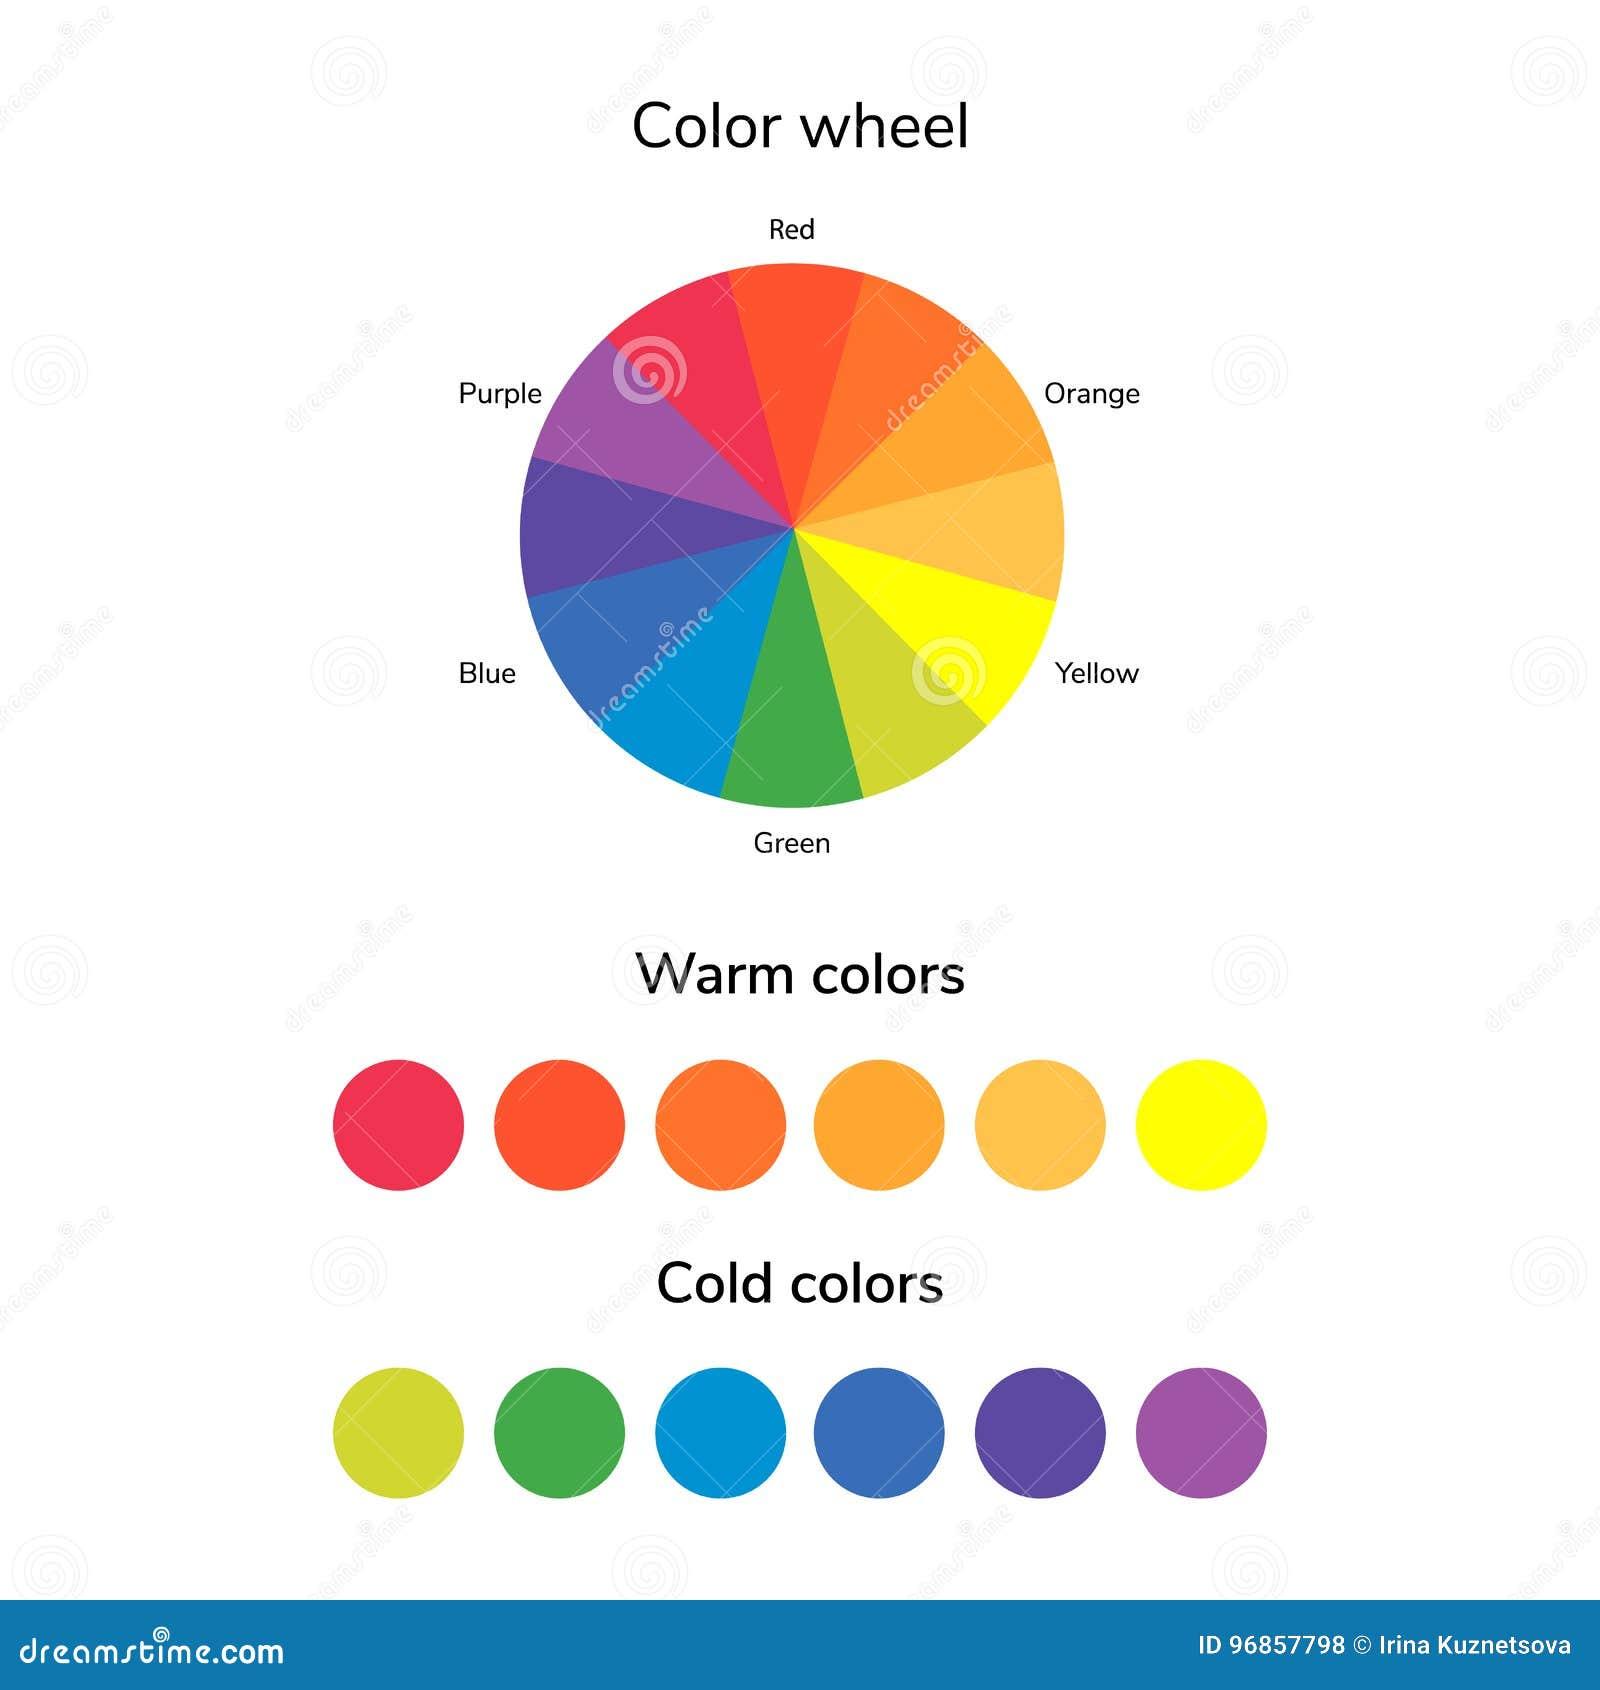 Único Páginas De Color De Ruedas Calientes Molde - Enmarcado Para ...